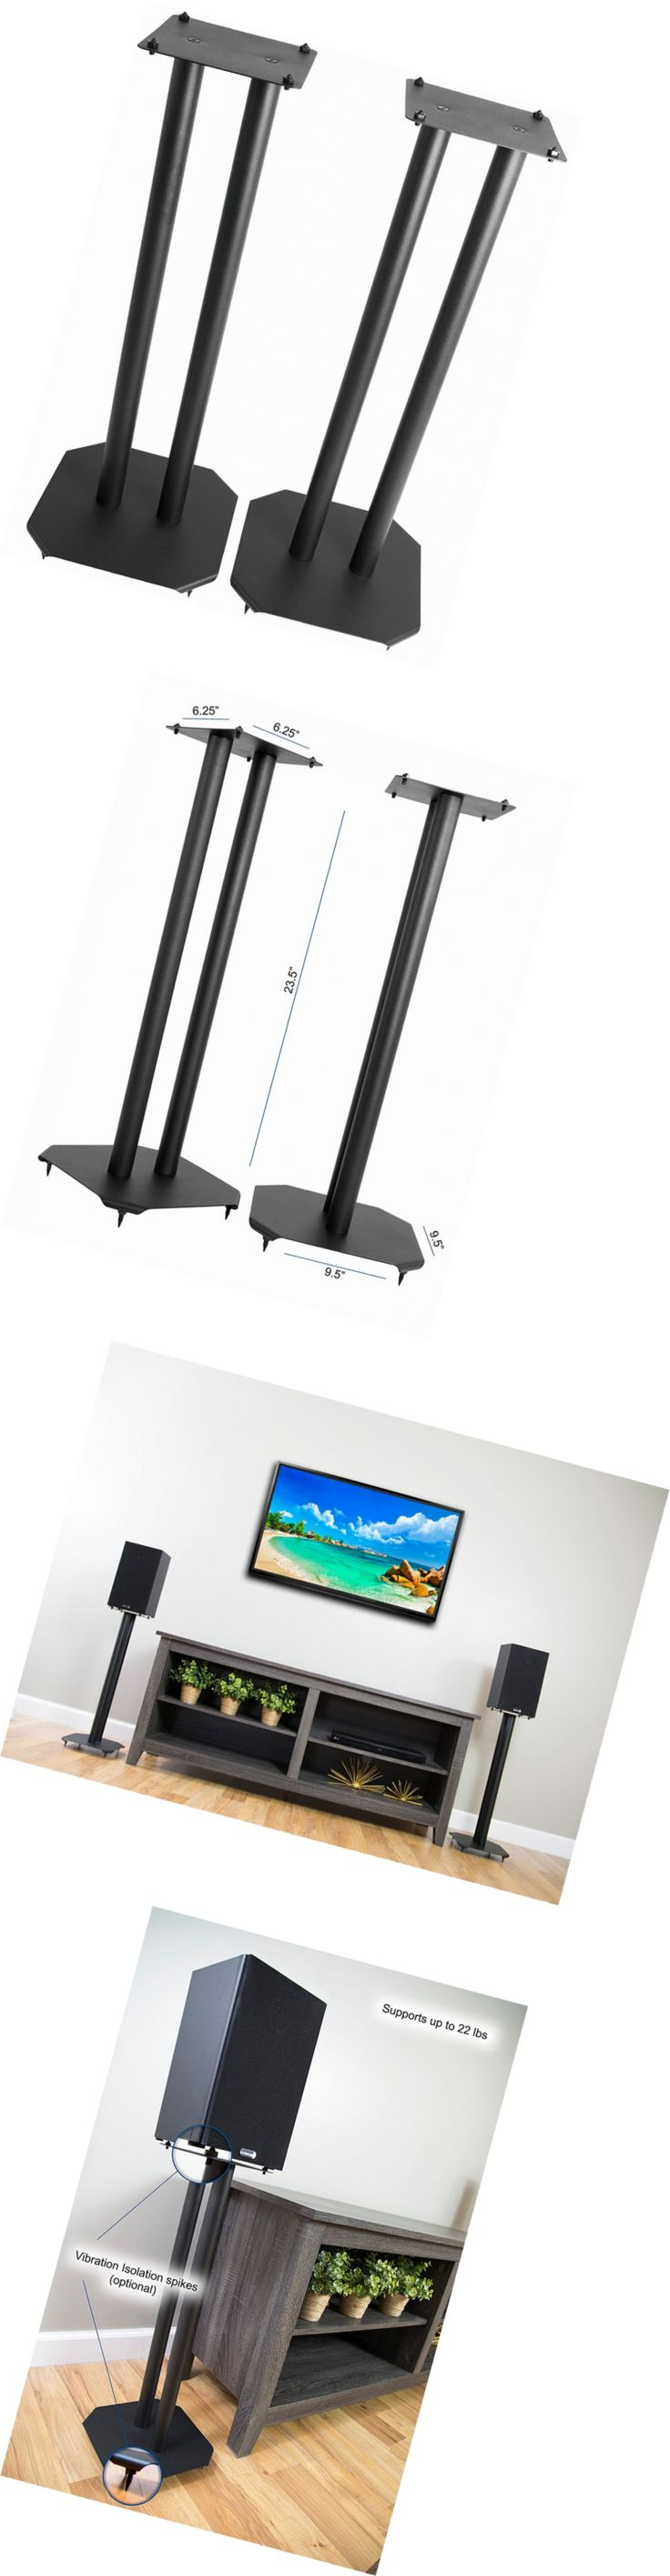 best ideas about surround sound speaker stands speaker mounts and stands vivo premium universal floor speaker stands for surround sound and book